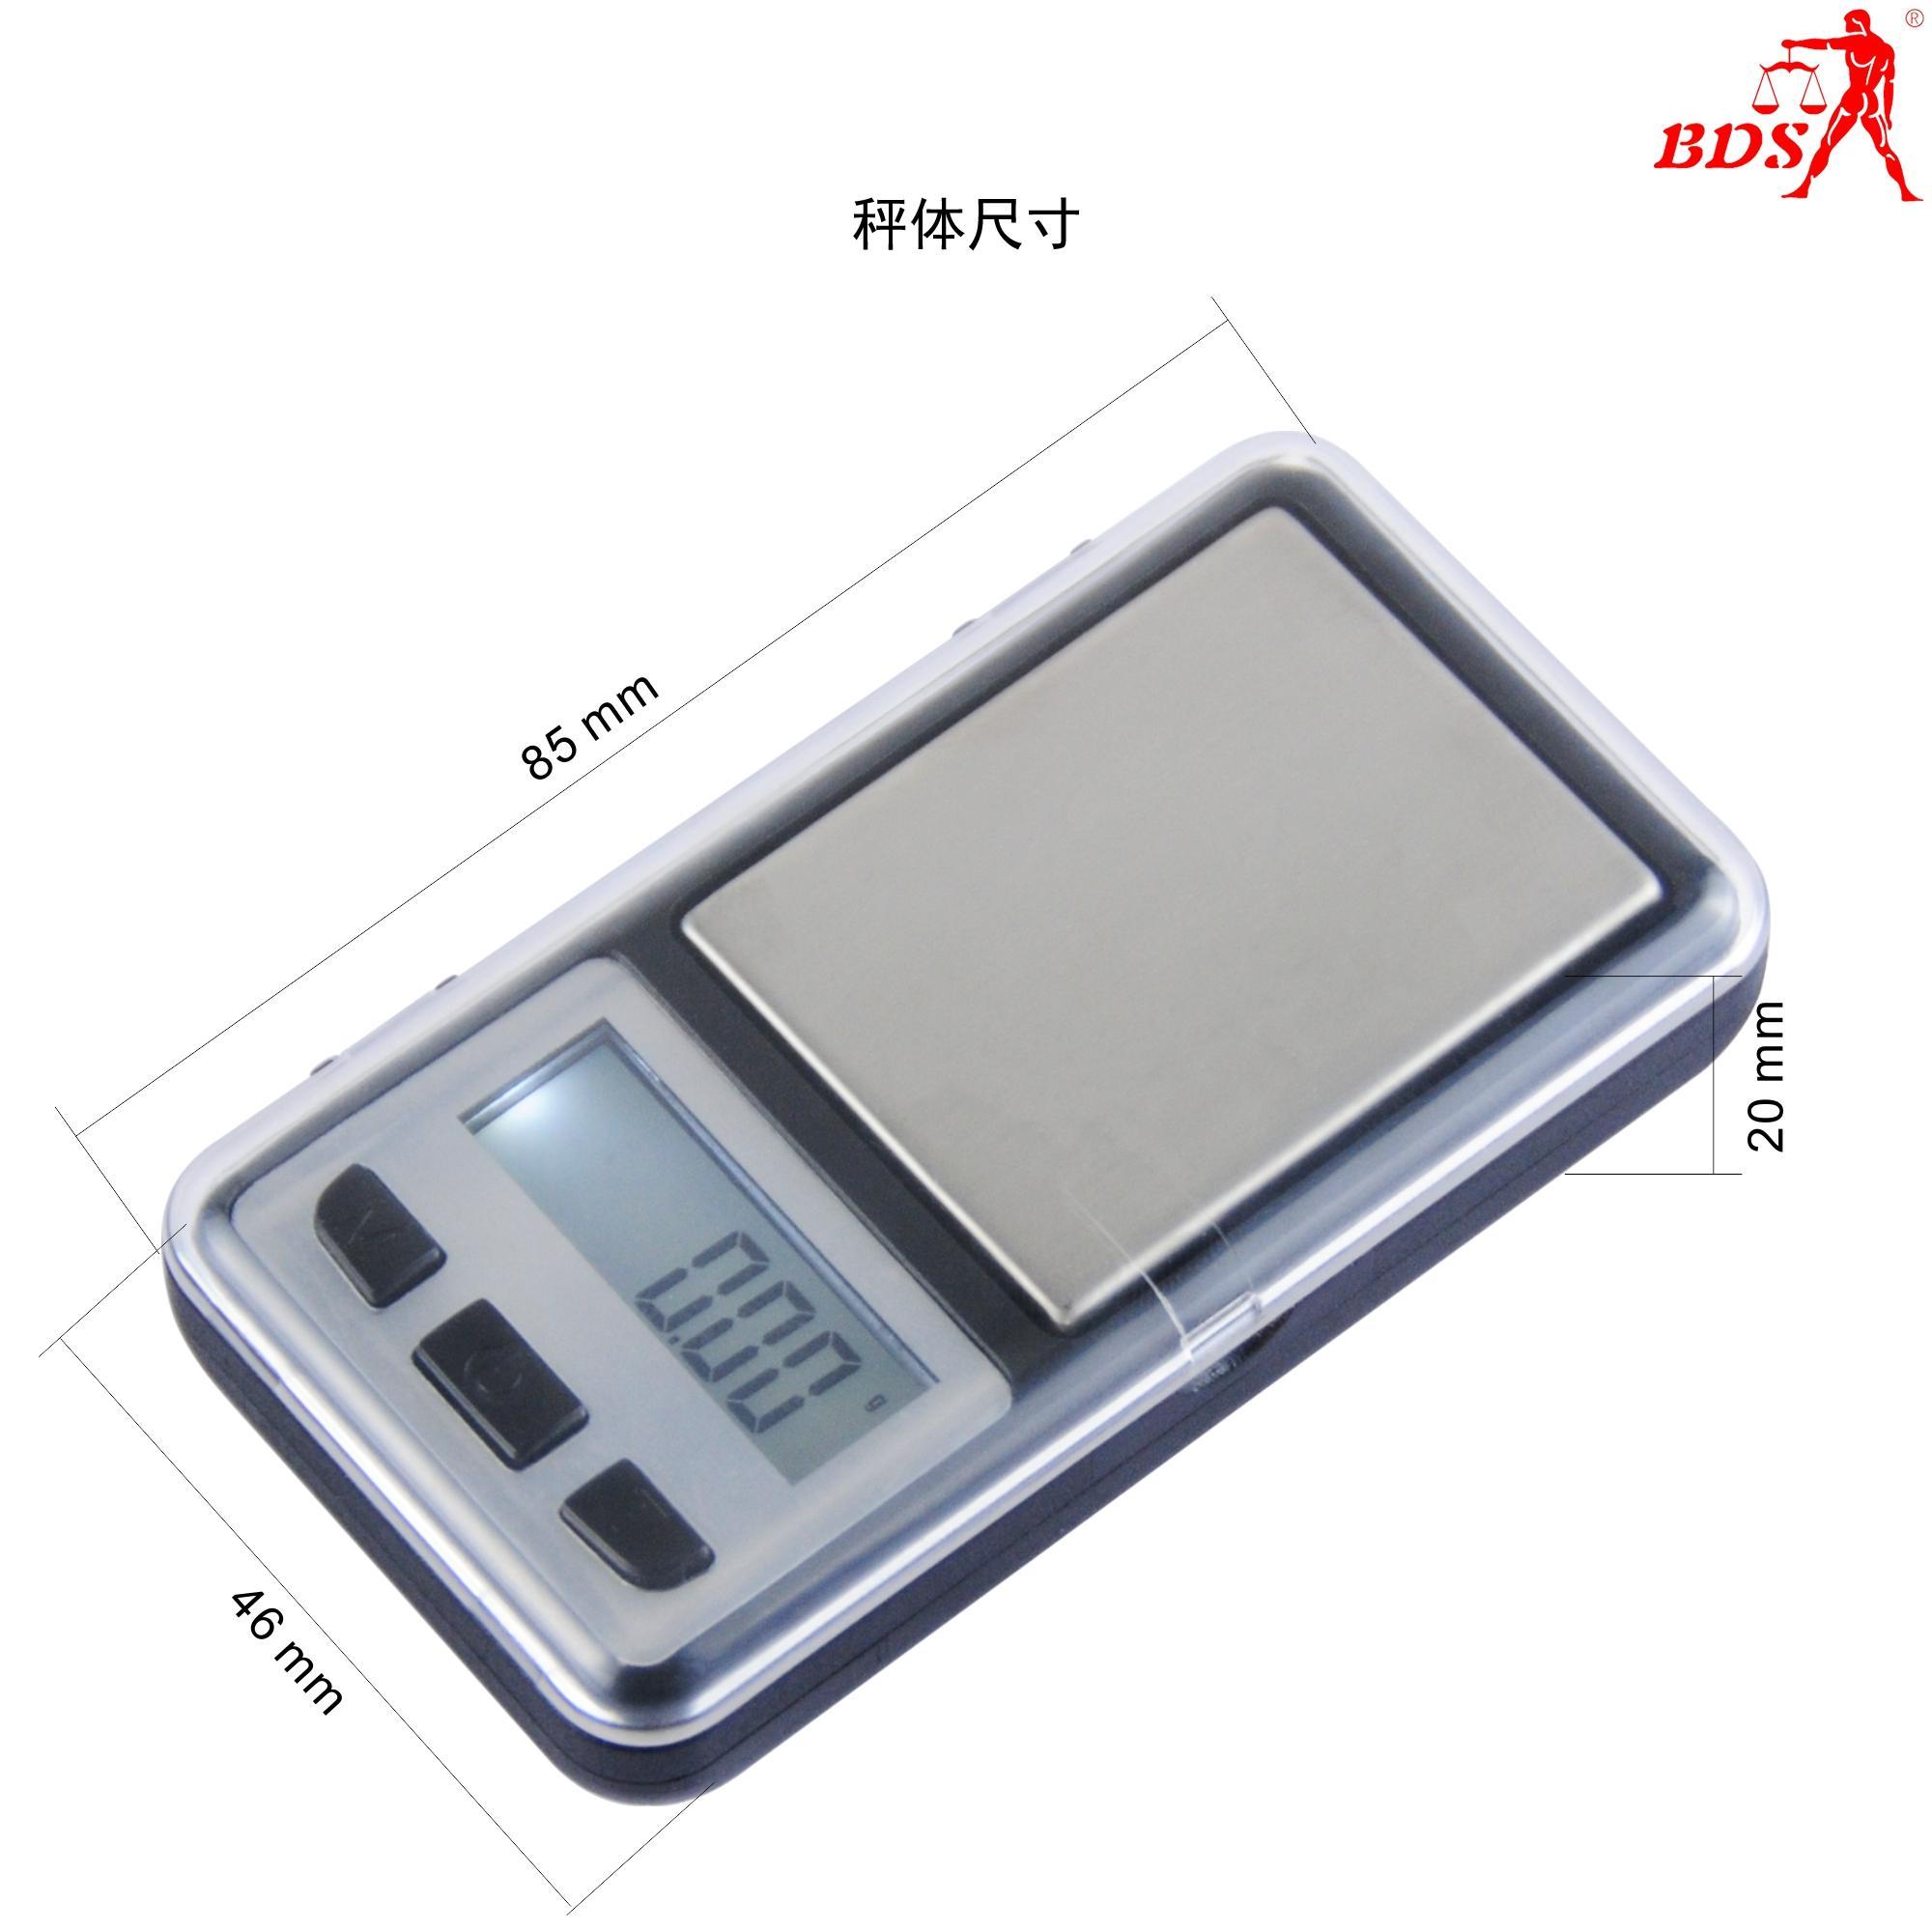 深圳北斗星衡器BDS6010便攜式電子口袋秤,珠寶秤 5